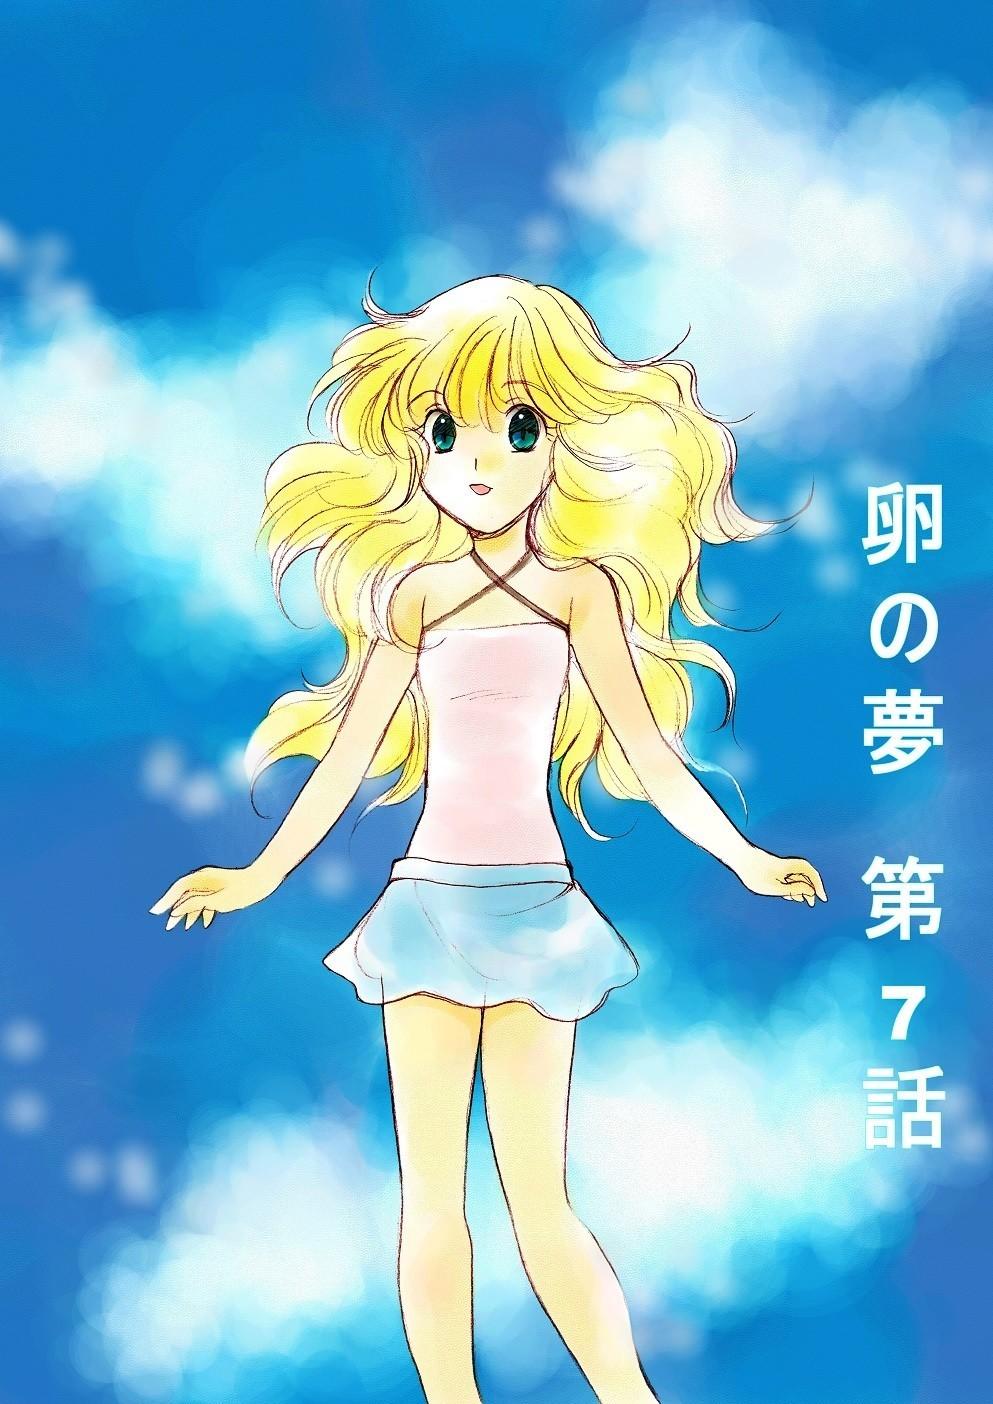 「卵の夢」第7話 アルファポリスの方にも投稿しています。https://www.alphapolis.co.jp/manga/156516777/585262249